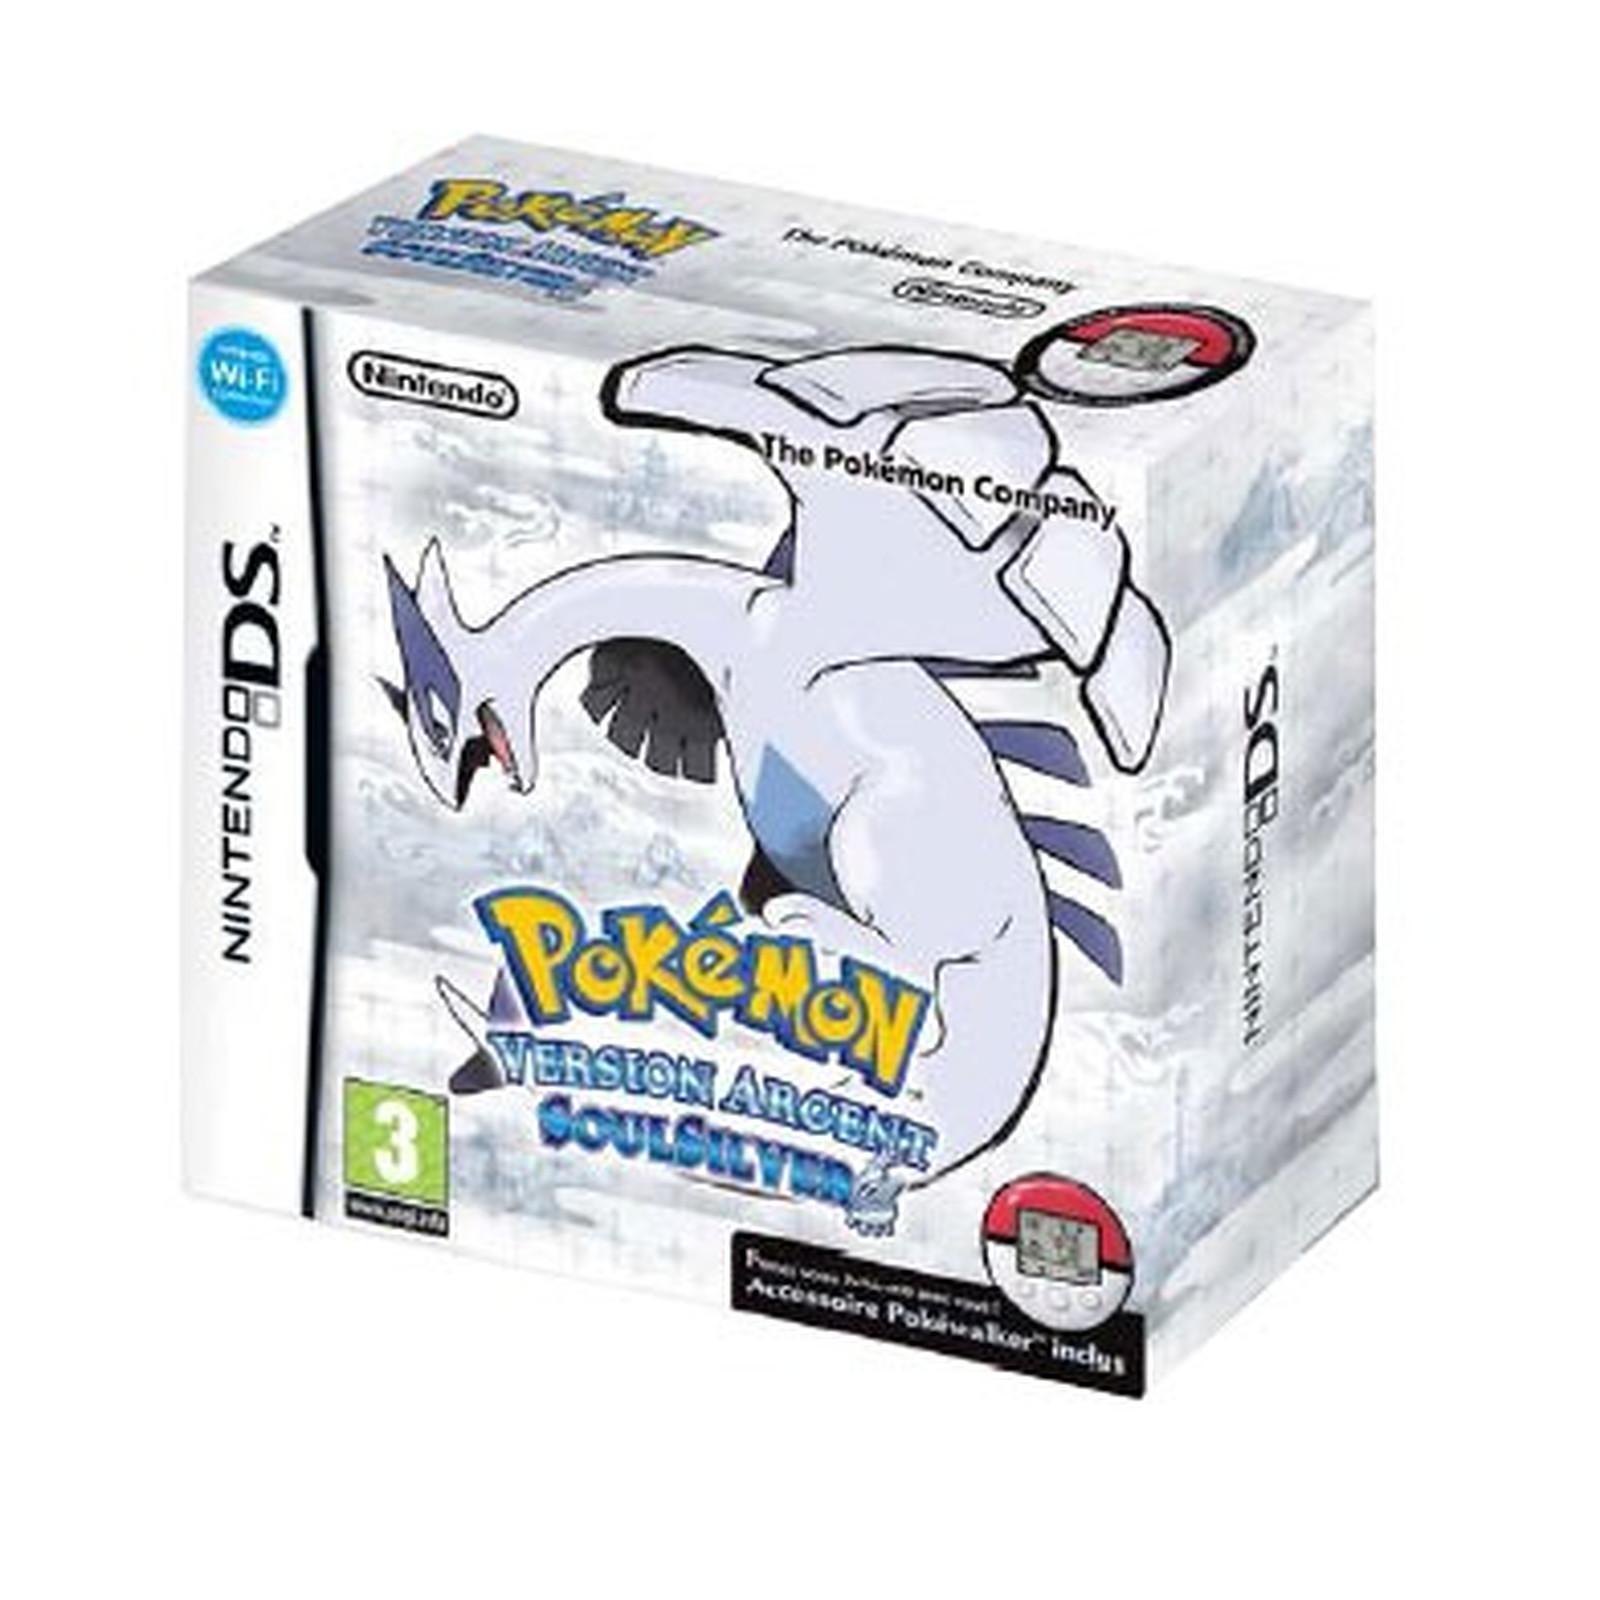 Pokémon version Argent : SoulSilver (Nintendo DS)